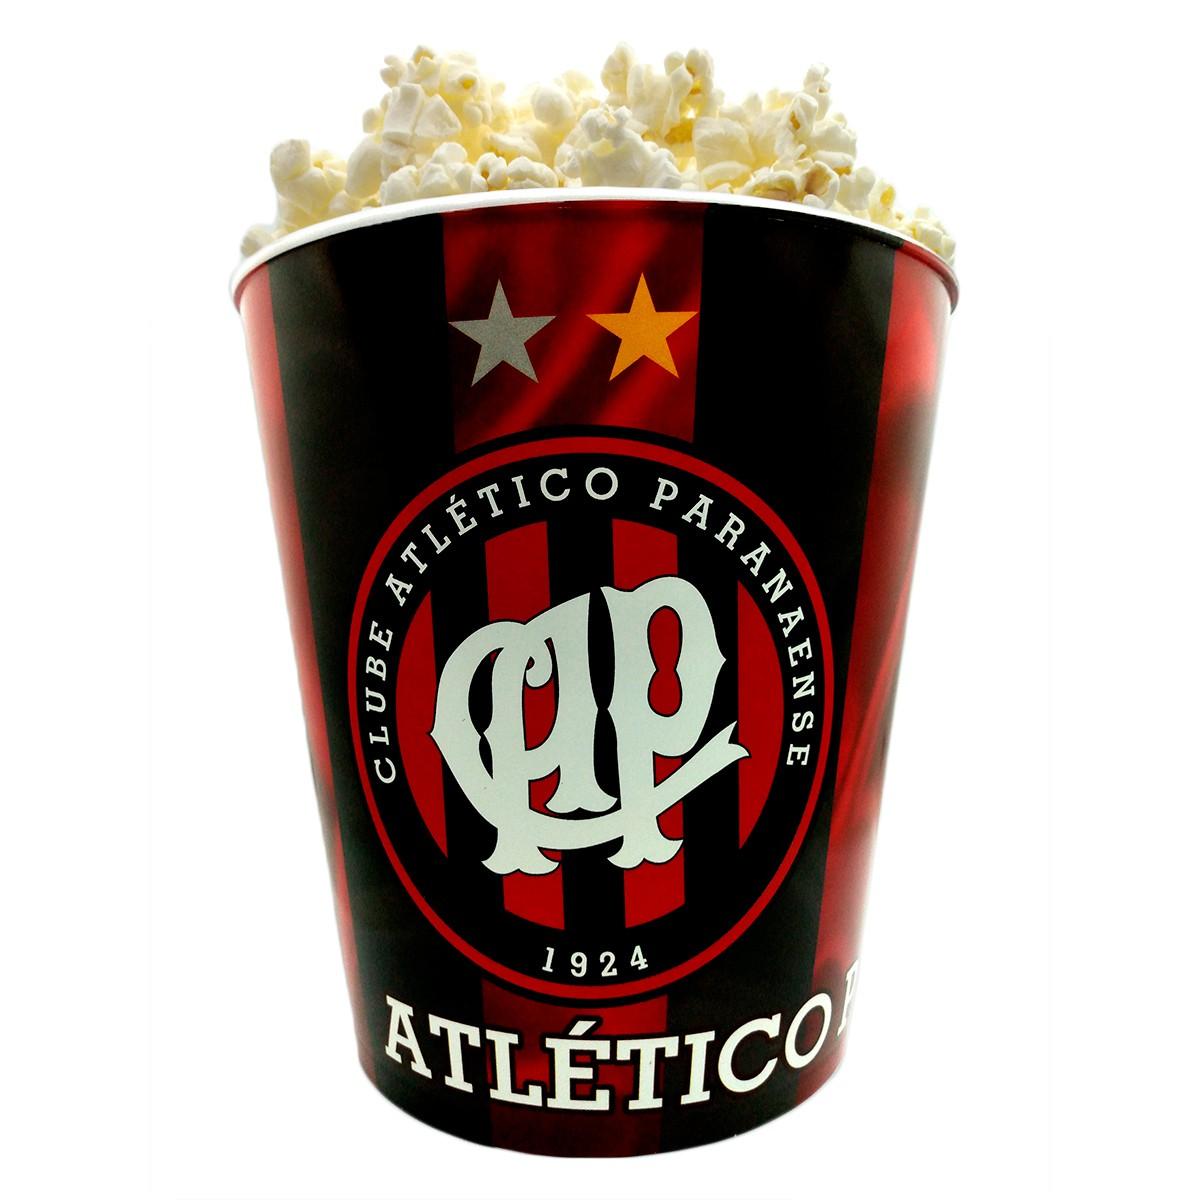 Balde de pipoca do Atlético Paranaense